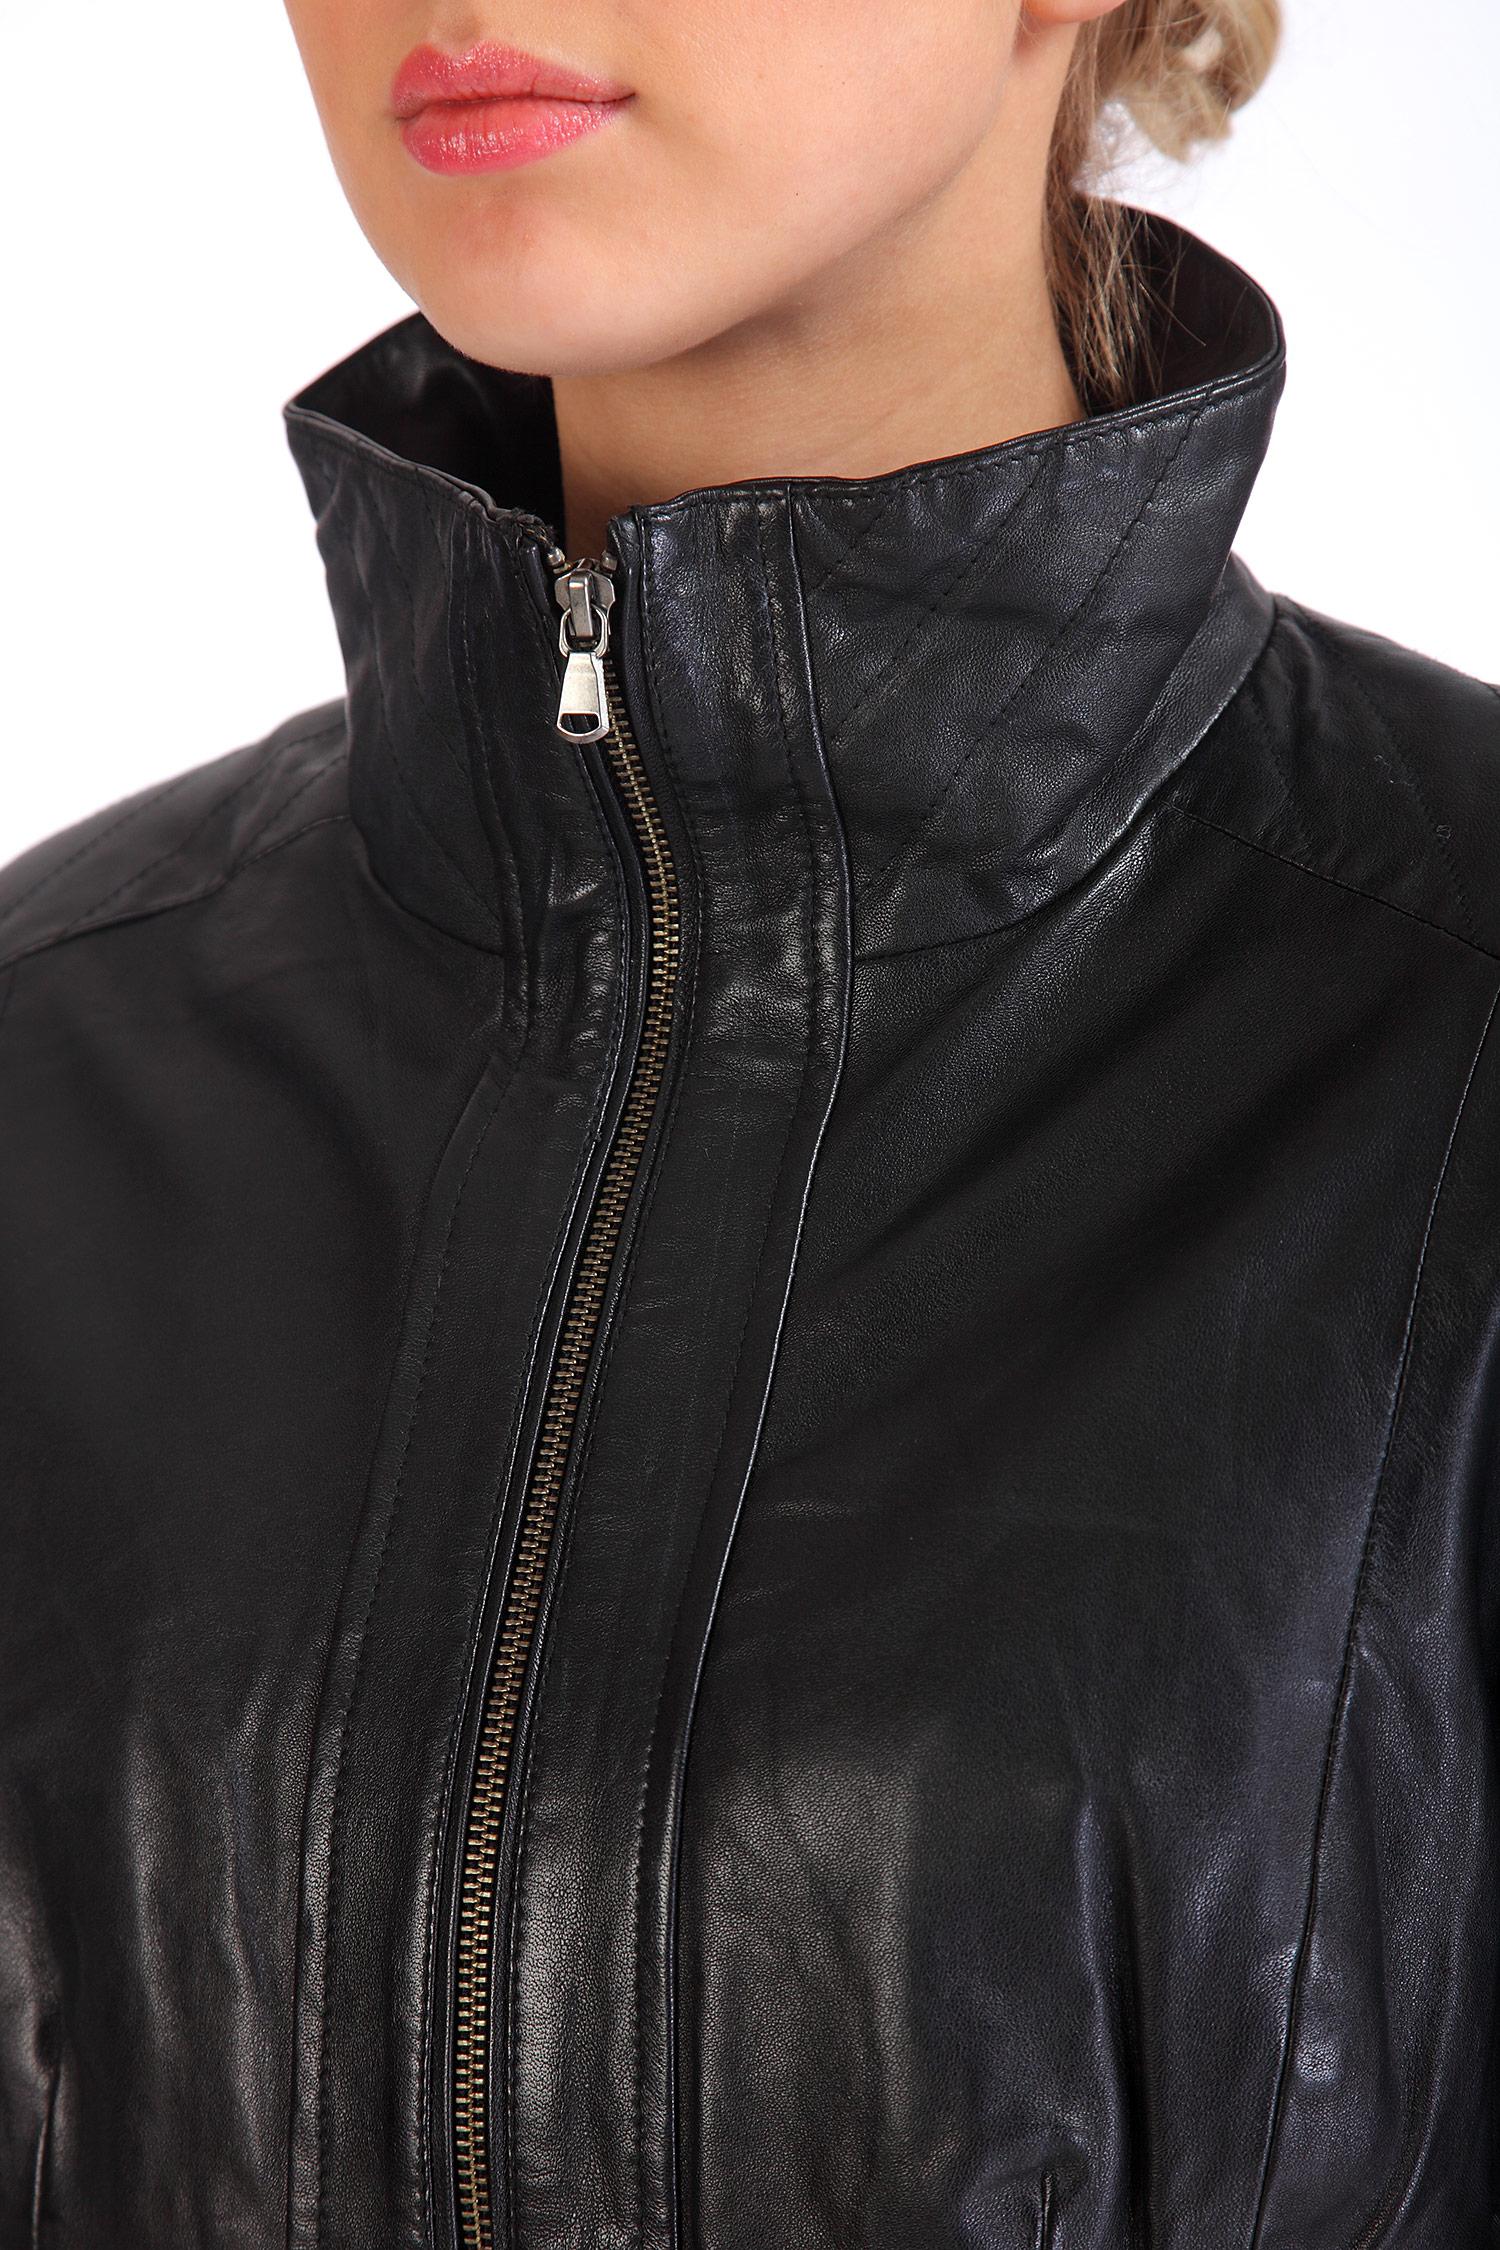 Фото 2 - Женская кожаная куртка из натуральной кожи с воротником от МОСМЕХА черного цвета